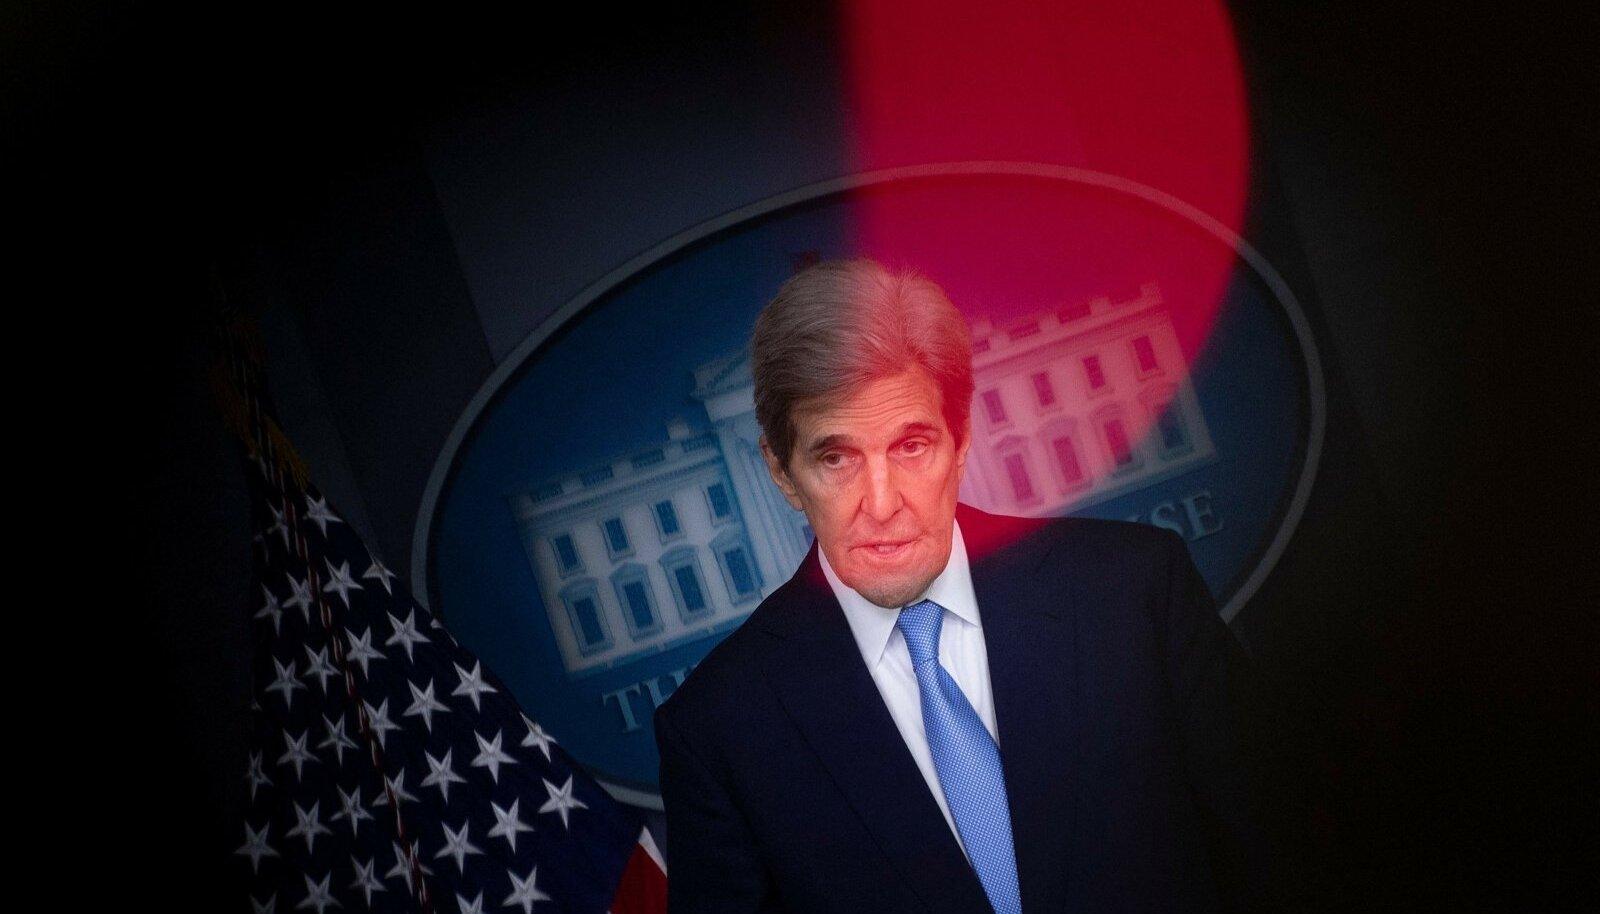 Aprilli lõpus kutsus John Kerry 40 riiki, sealhulgas Eesti, kliimaümarlauale, et innustada neid oma kliimaeesmärke suurendama.